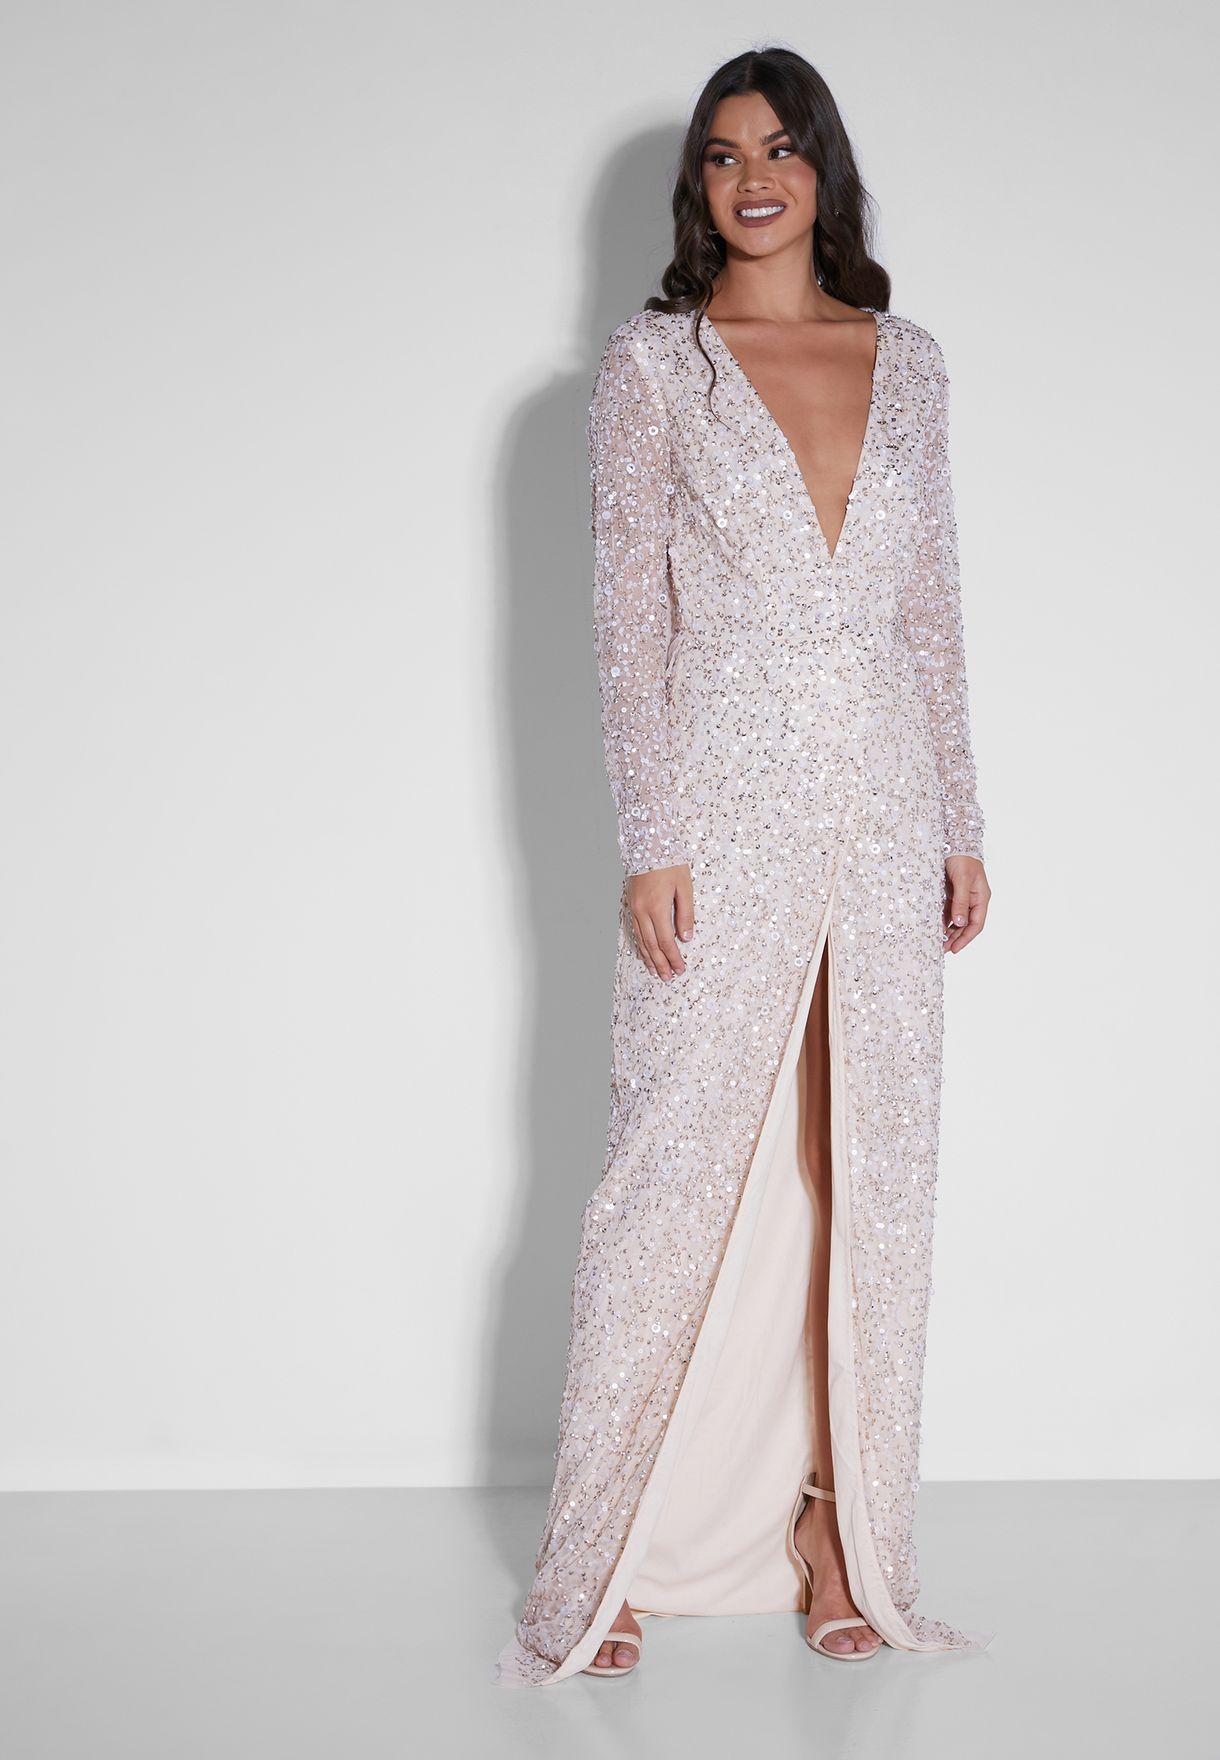 Claranette Sequin Wrap Dress